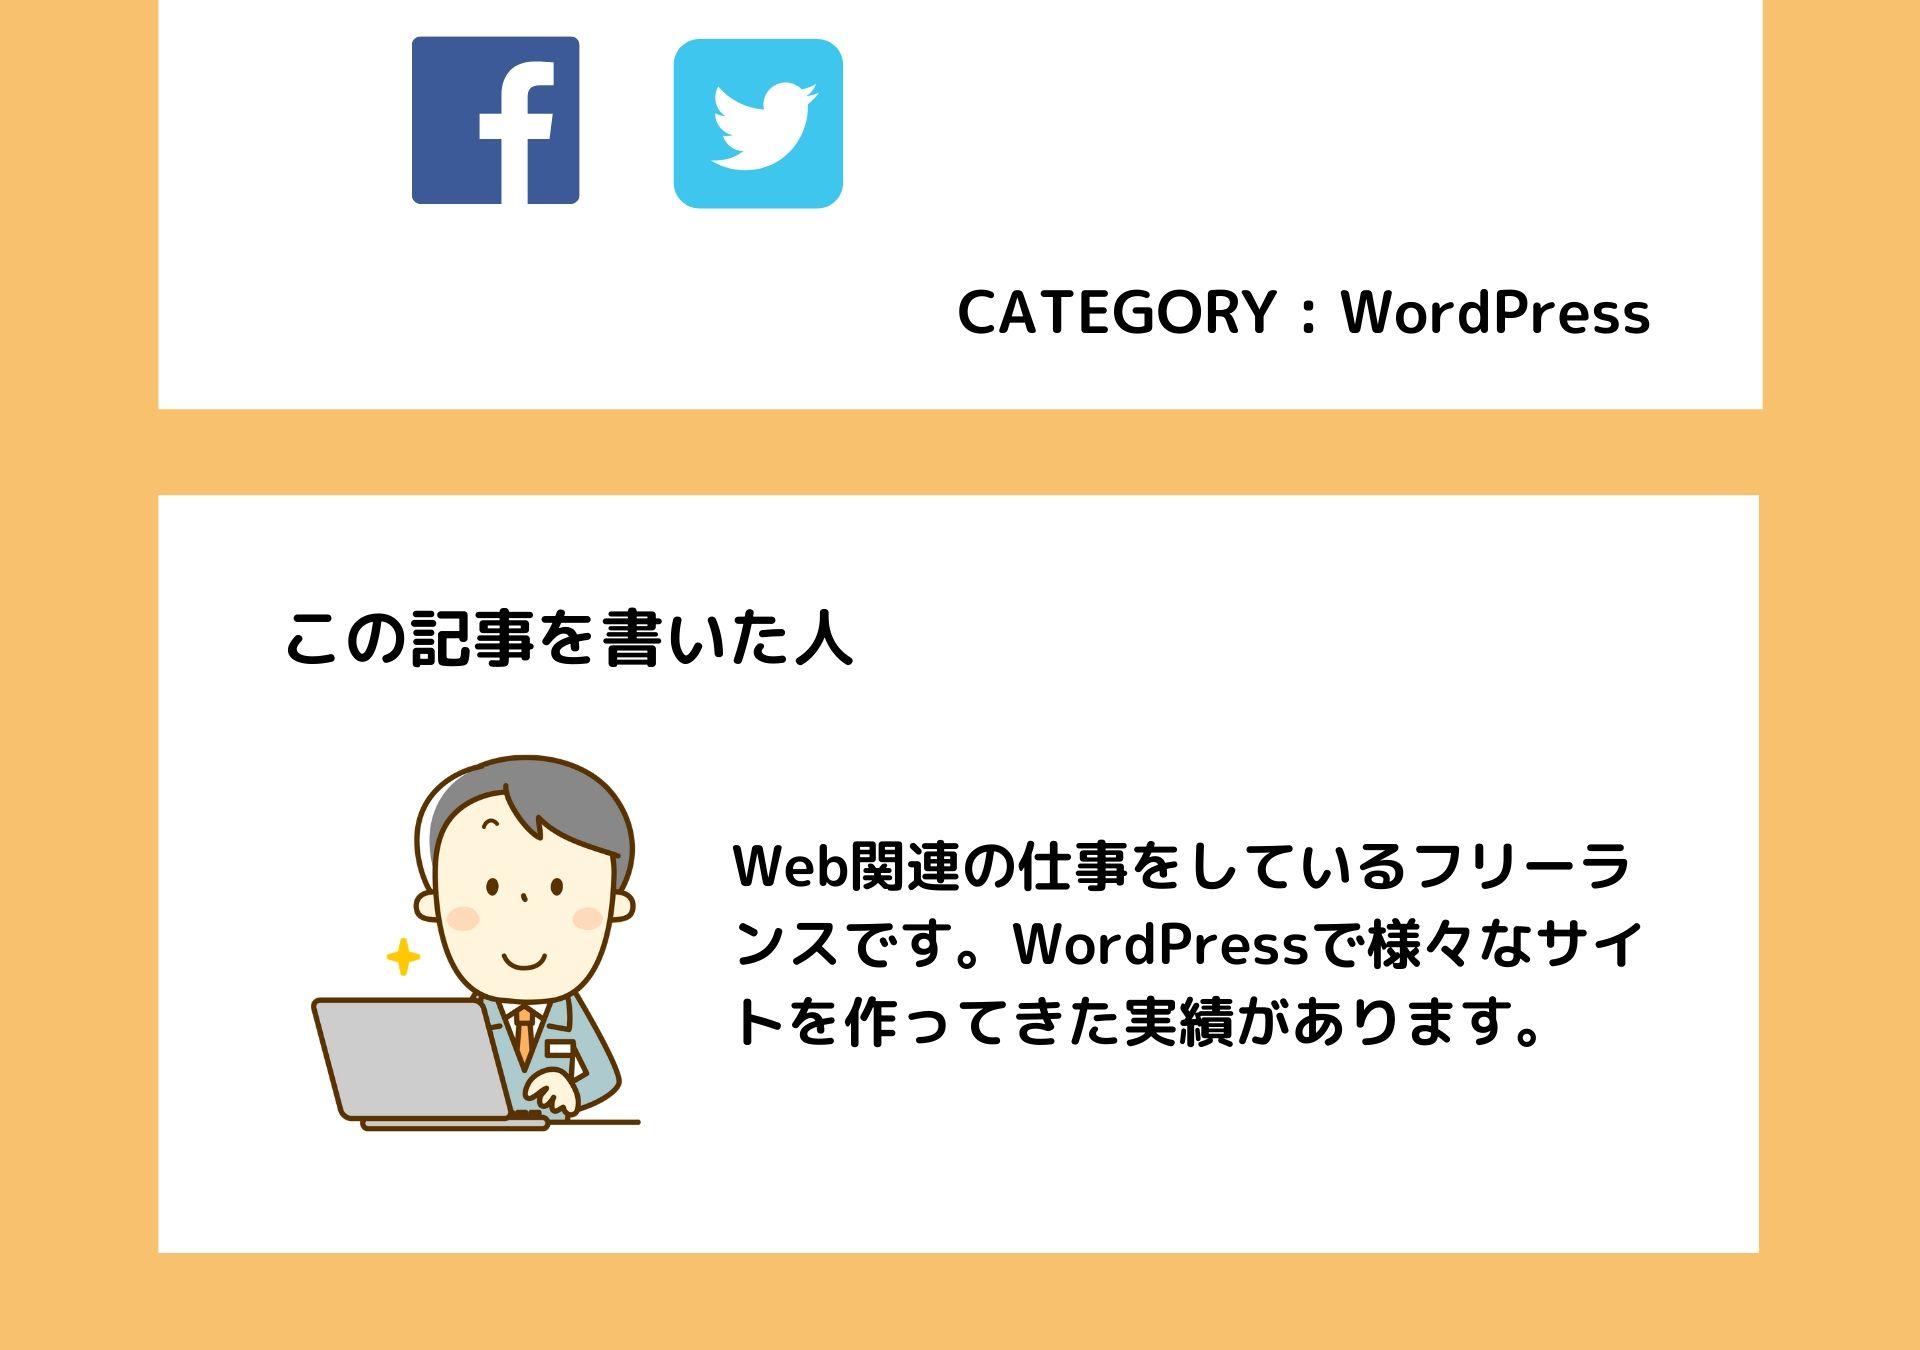 オプションページでプロフィールを表示する